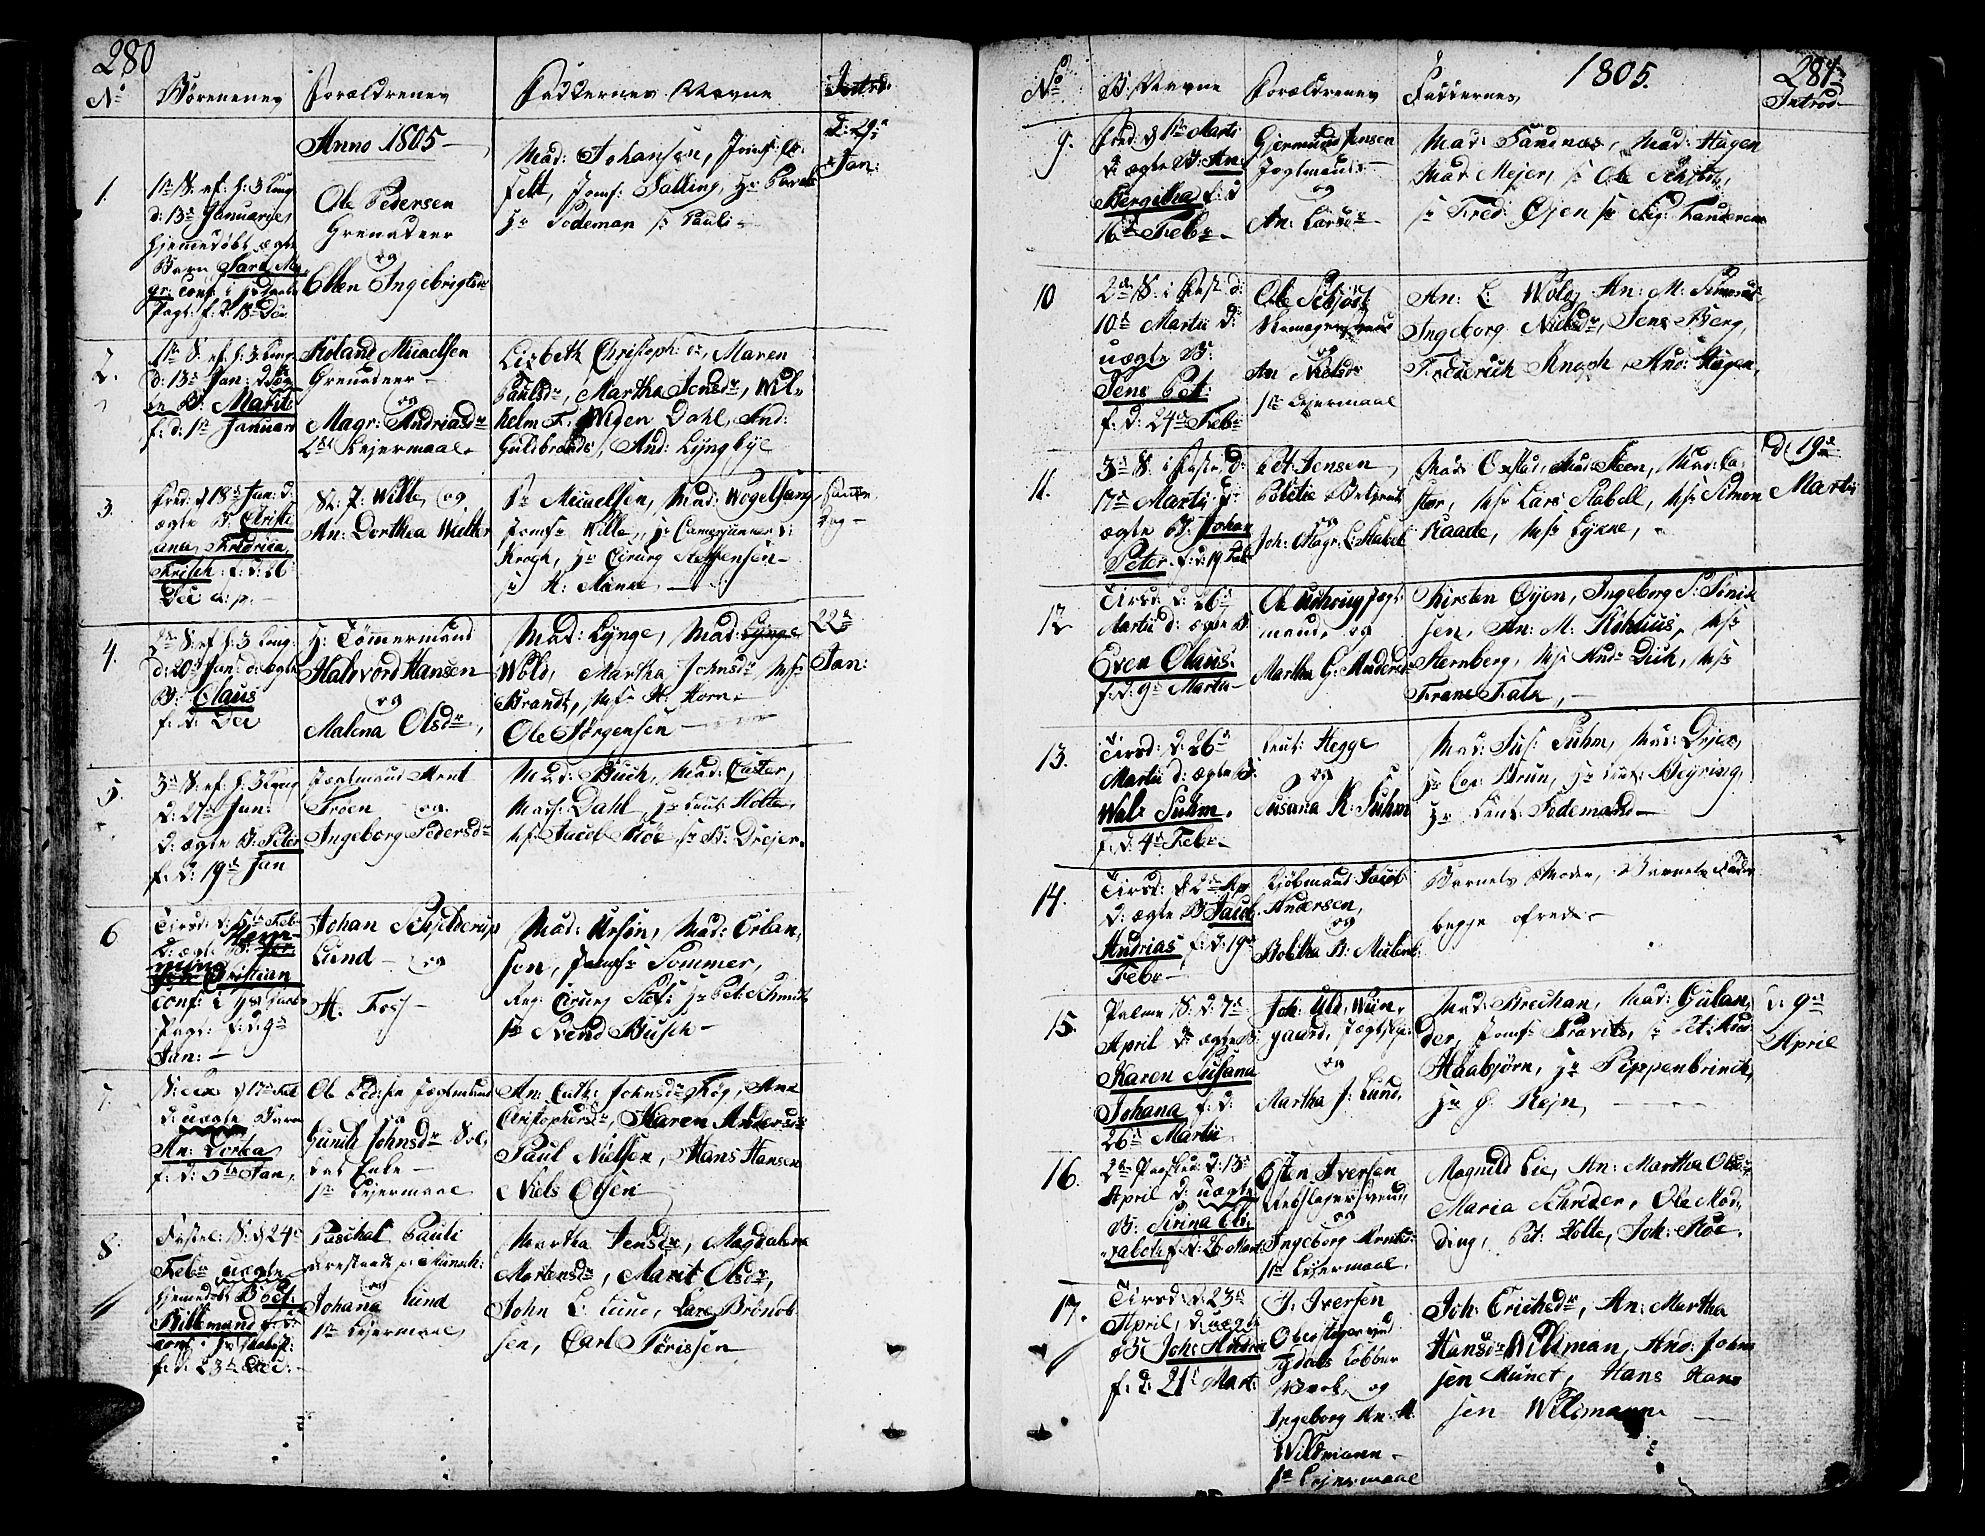 SAT, Ministerialprotokoller, klokkerbøker og fødselsregistre - Sør-Trøndelag, 602/L0104: Ministerialbok nr. 602A02, 1774-1814, s. 280-281